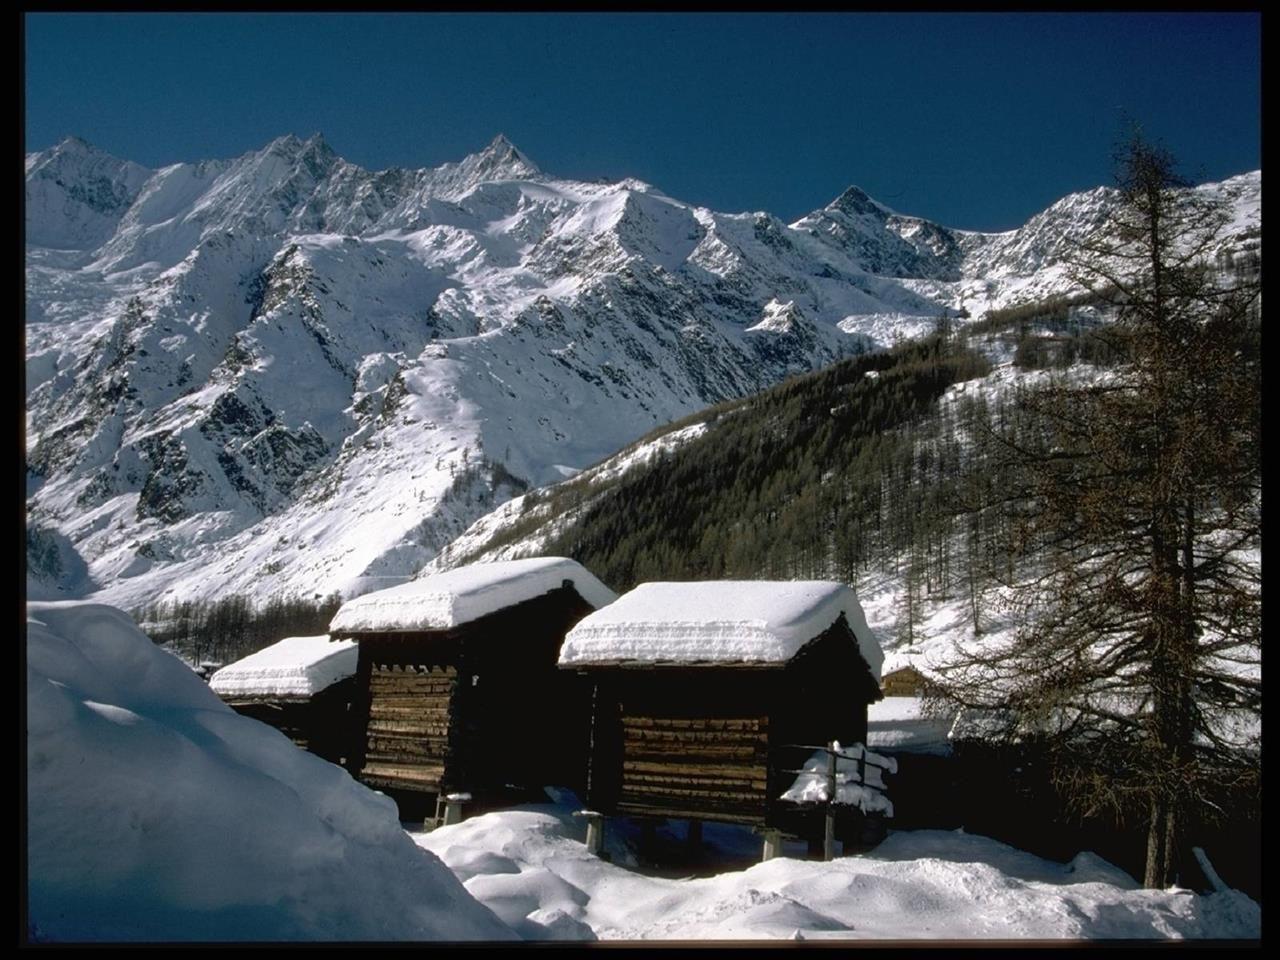 Winteraufnahme mit Stadeln